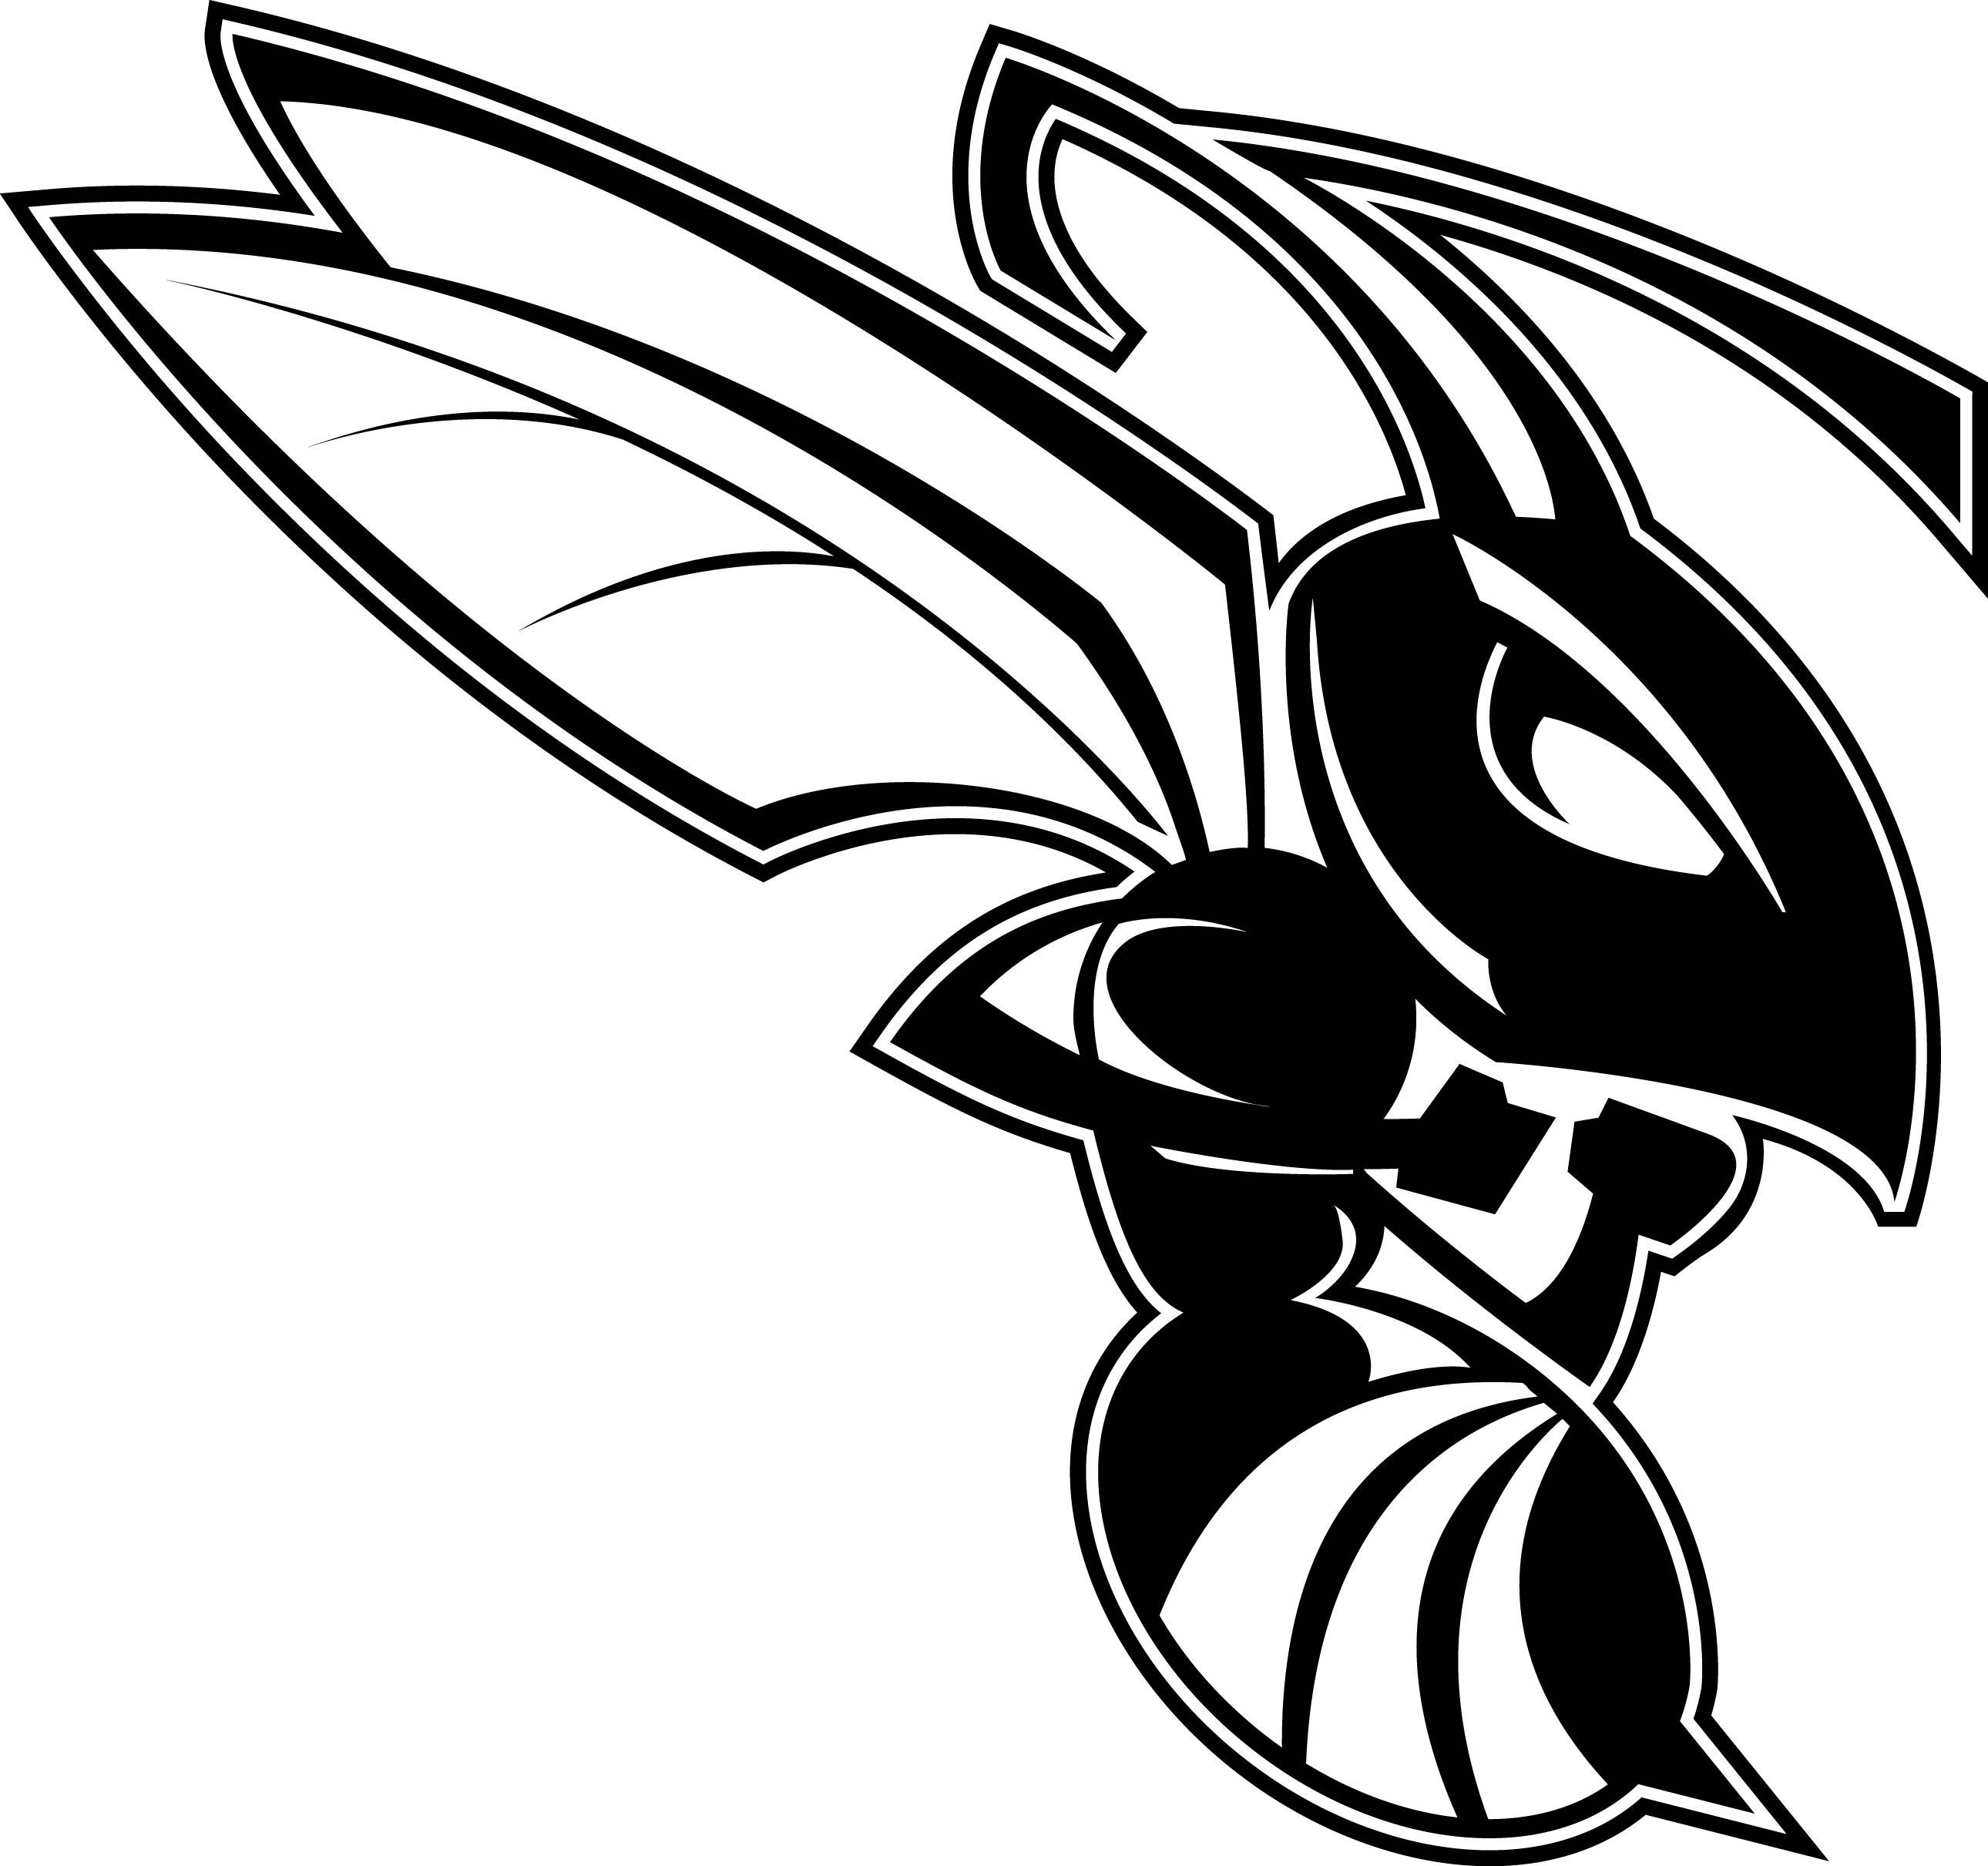 Black and white hornet clipart clip art black and white download Hornet Clipart Mascots   Free download best Hornet Clipart Mascots ... clip art black and white download